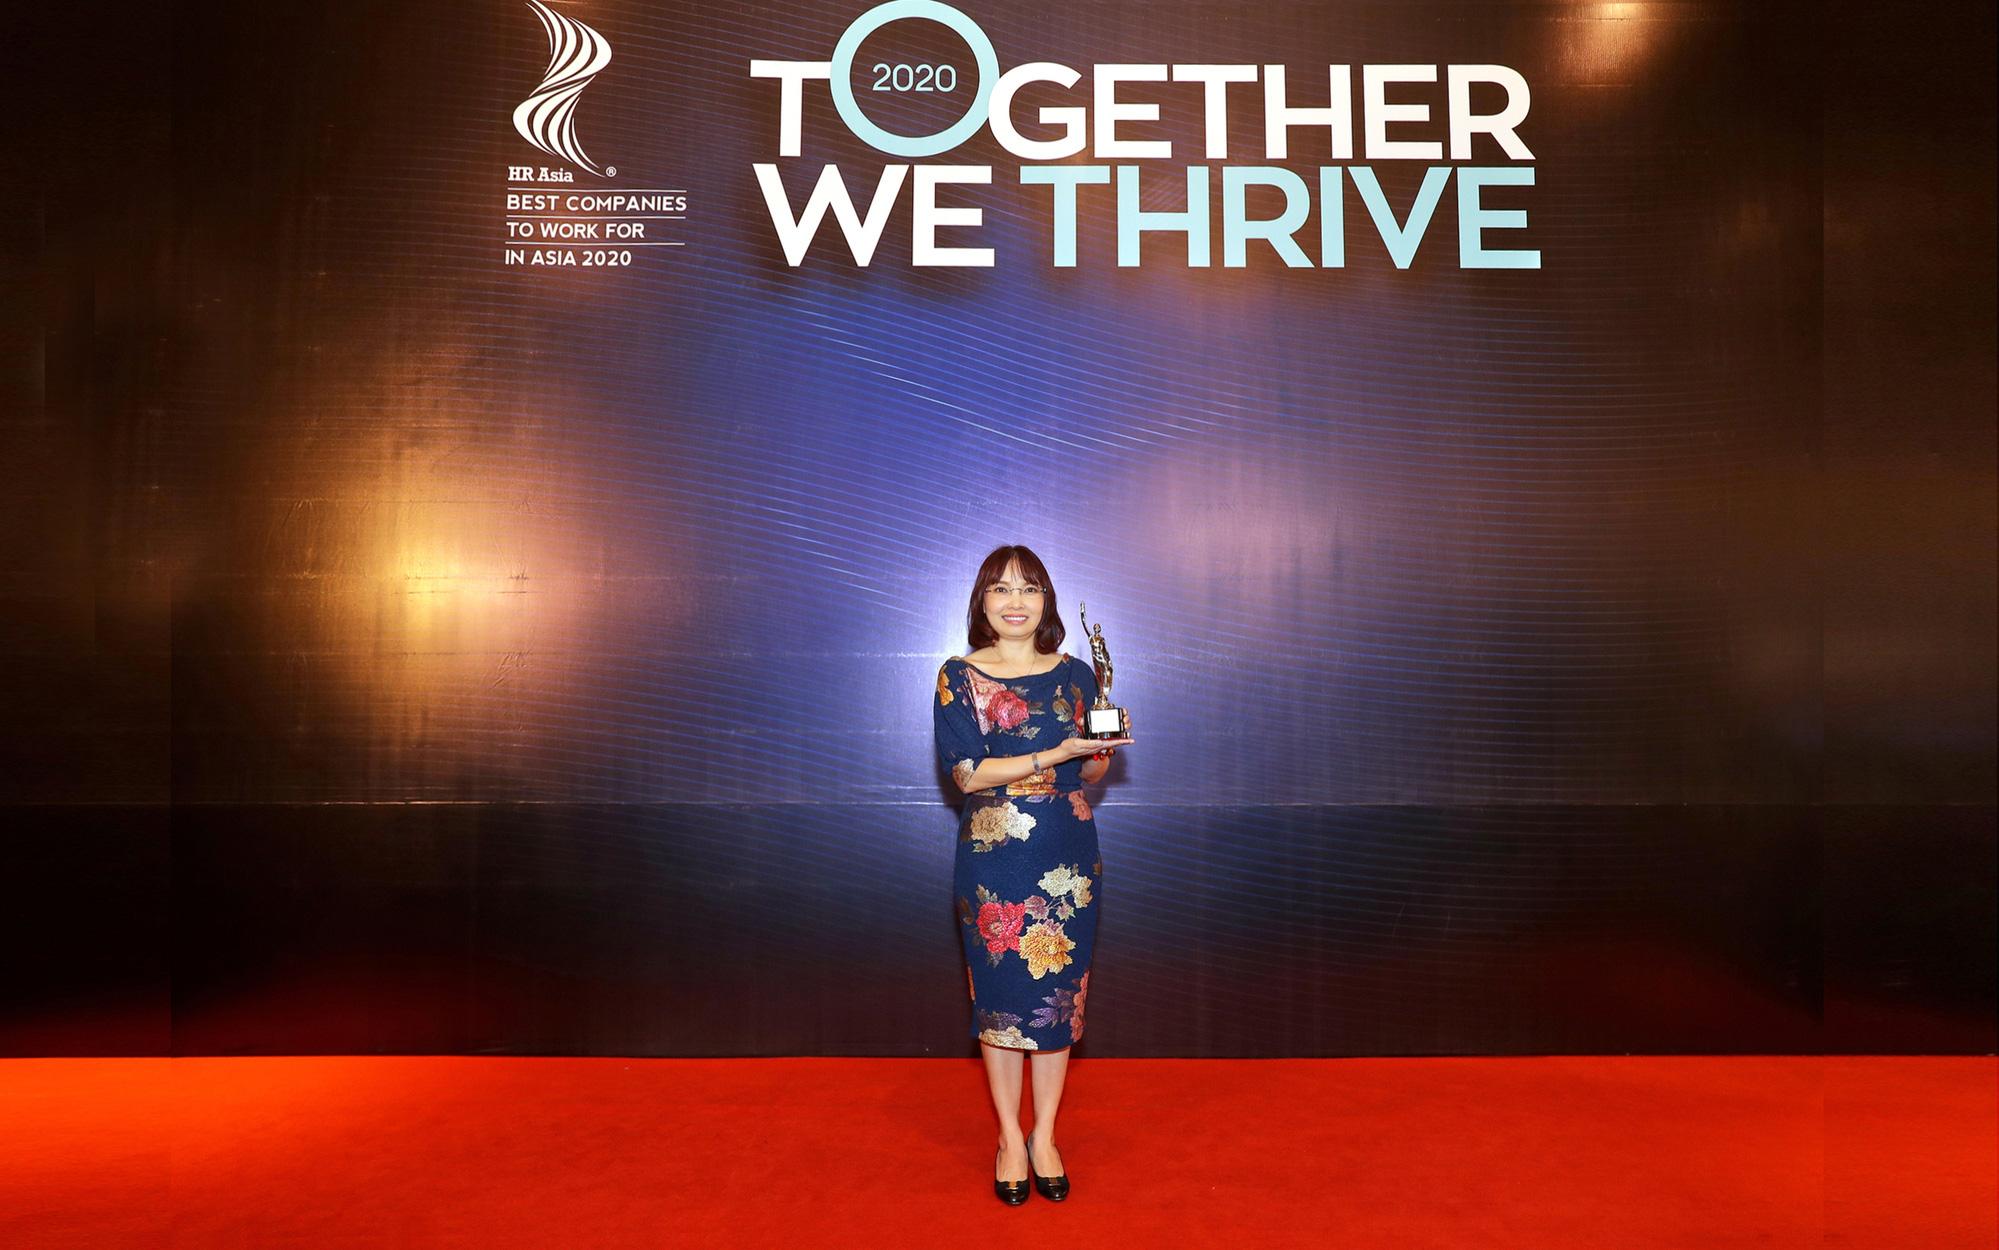 """Chubb Life Việt Nam được vinh danh là một trong những """"Nơi làm việc tốt nhất Châu Á năm 2020"""""""